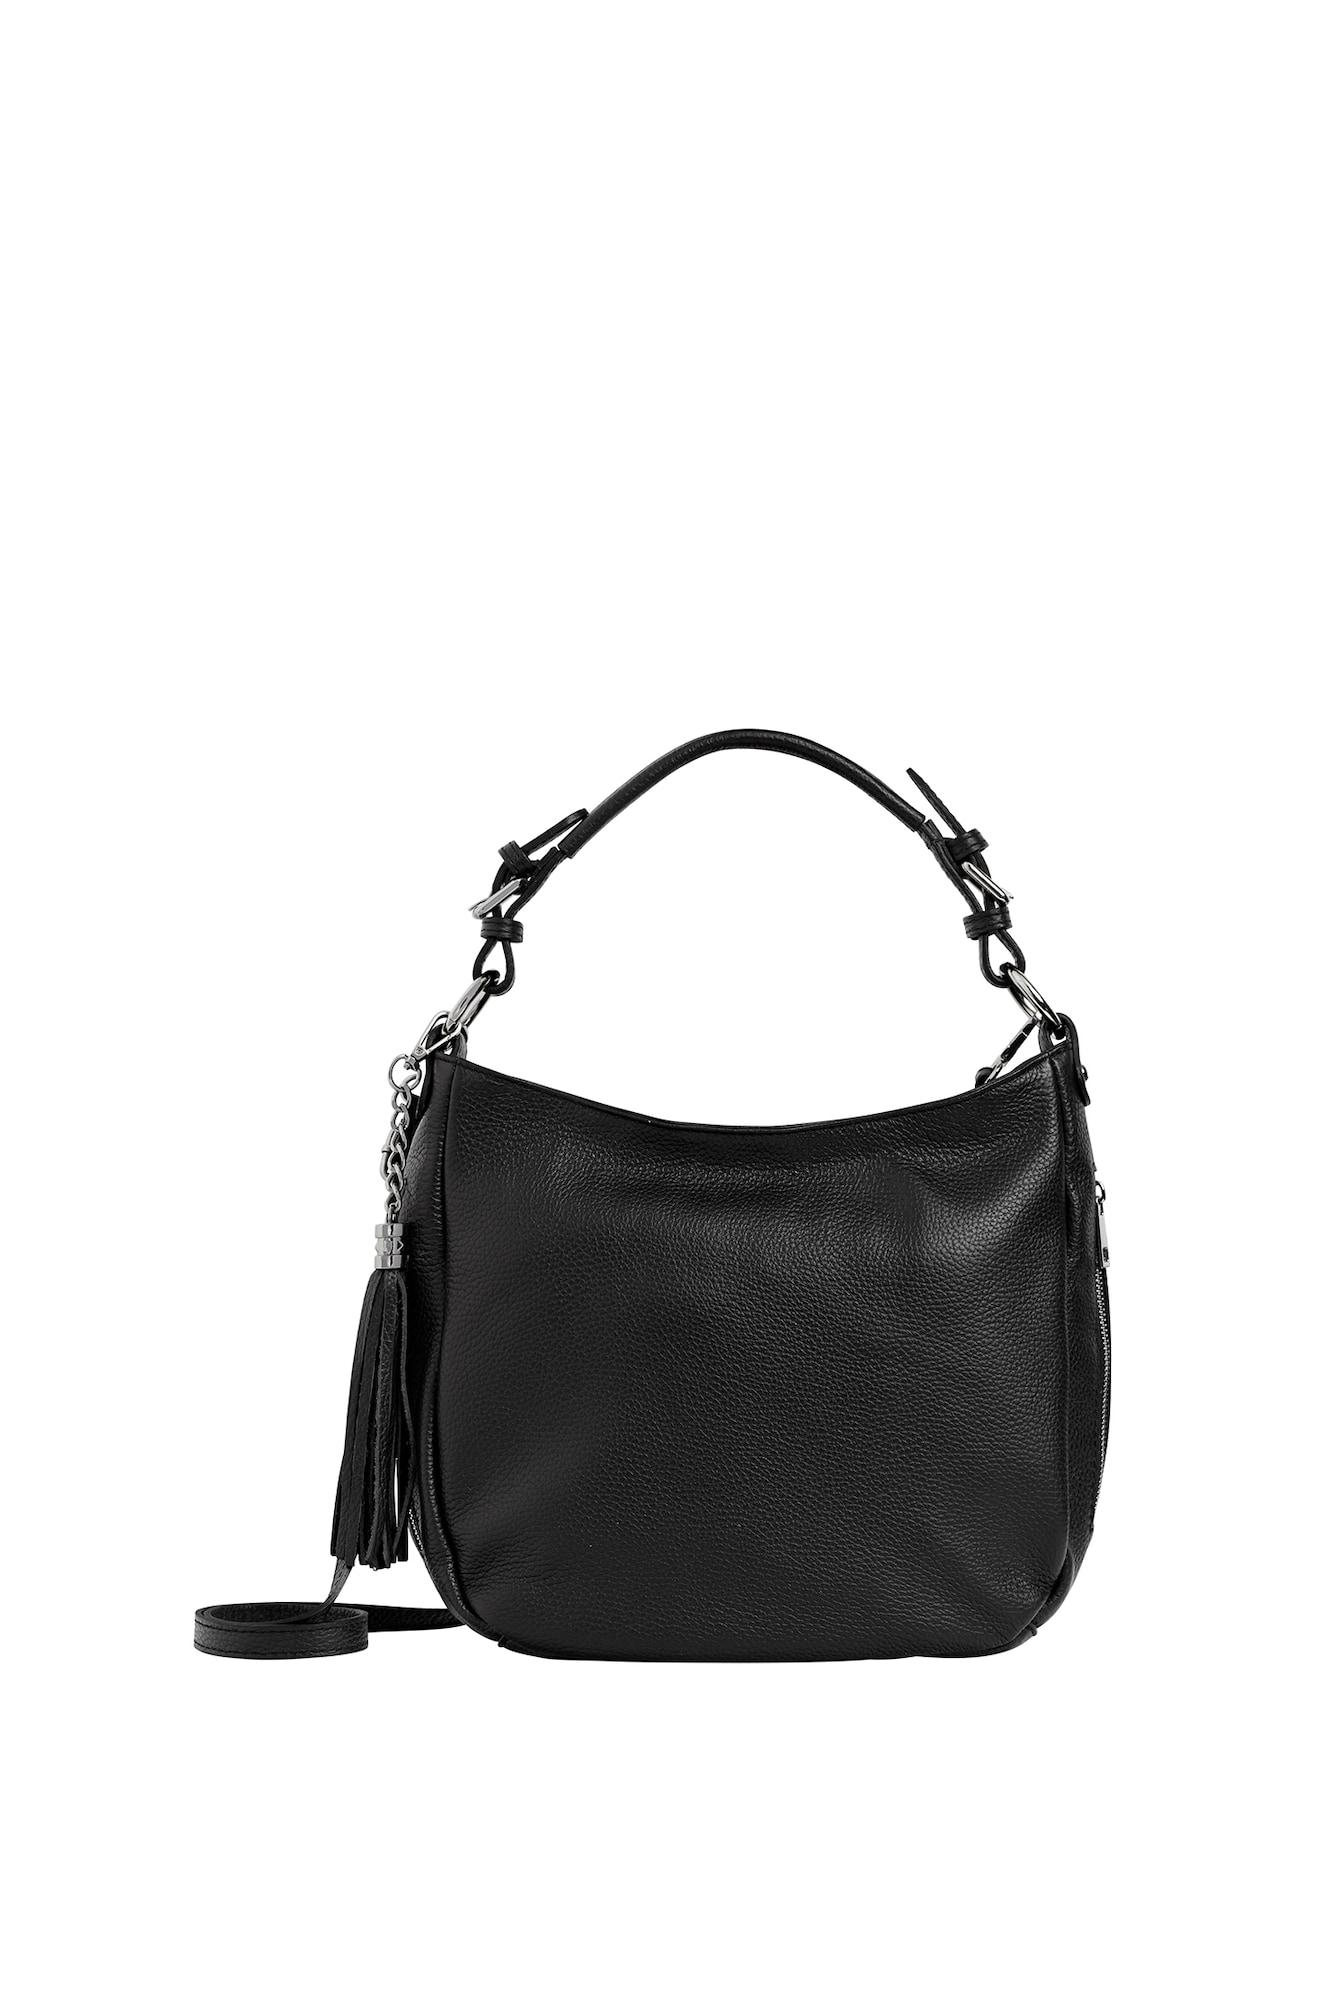 Schultertasche 'Black label' | Taschen > Handtaschen > Schultertaschen | Usha